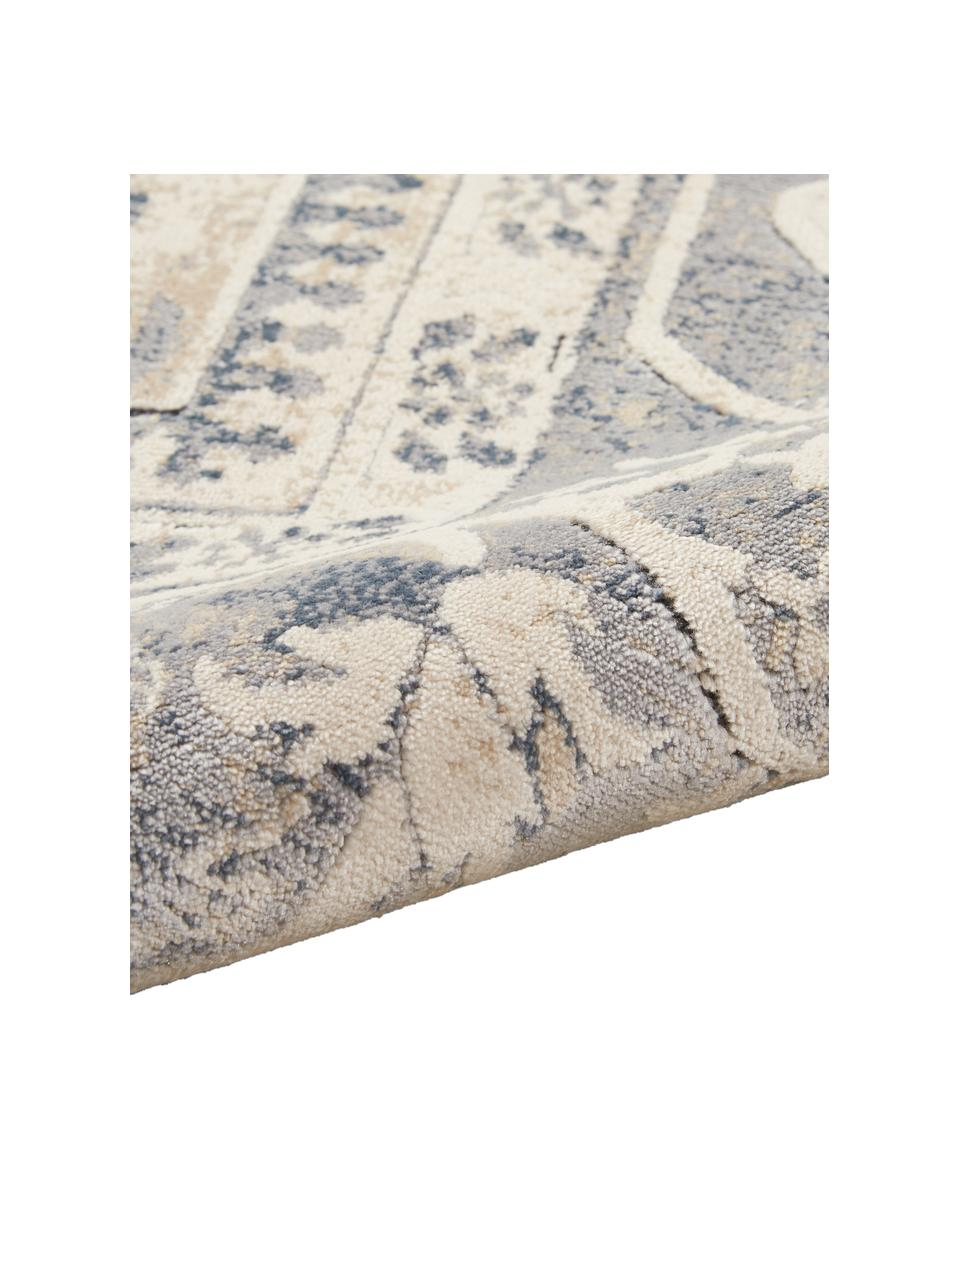 Dywan w stylu vintage Malta, 90% polipropylen, 10% kordonek, Kość słoniowa, odcienie niebieskiego, S 240 x D 330 cm (Rozmiar L)